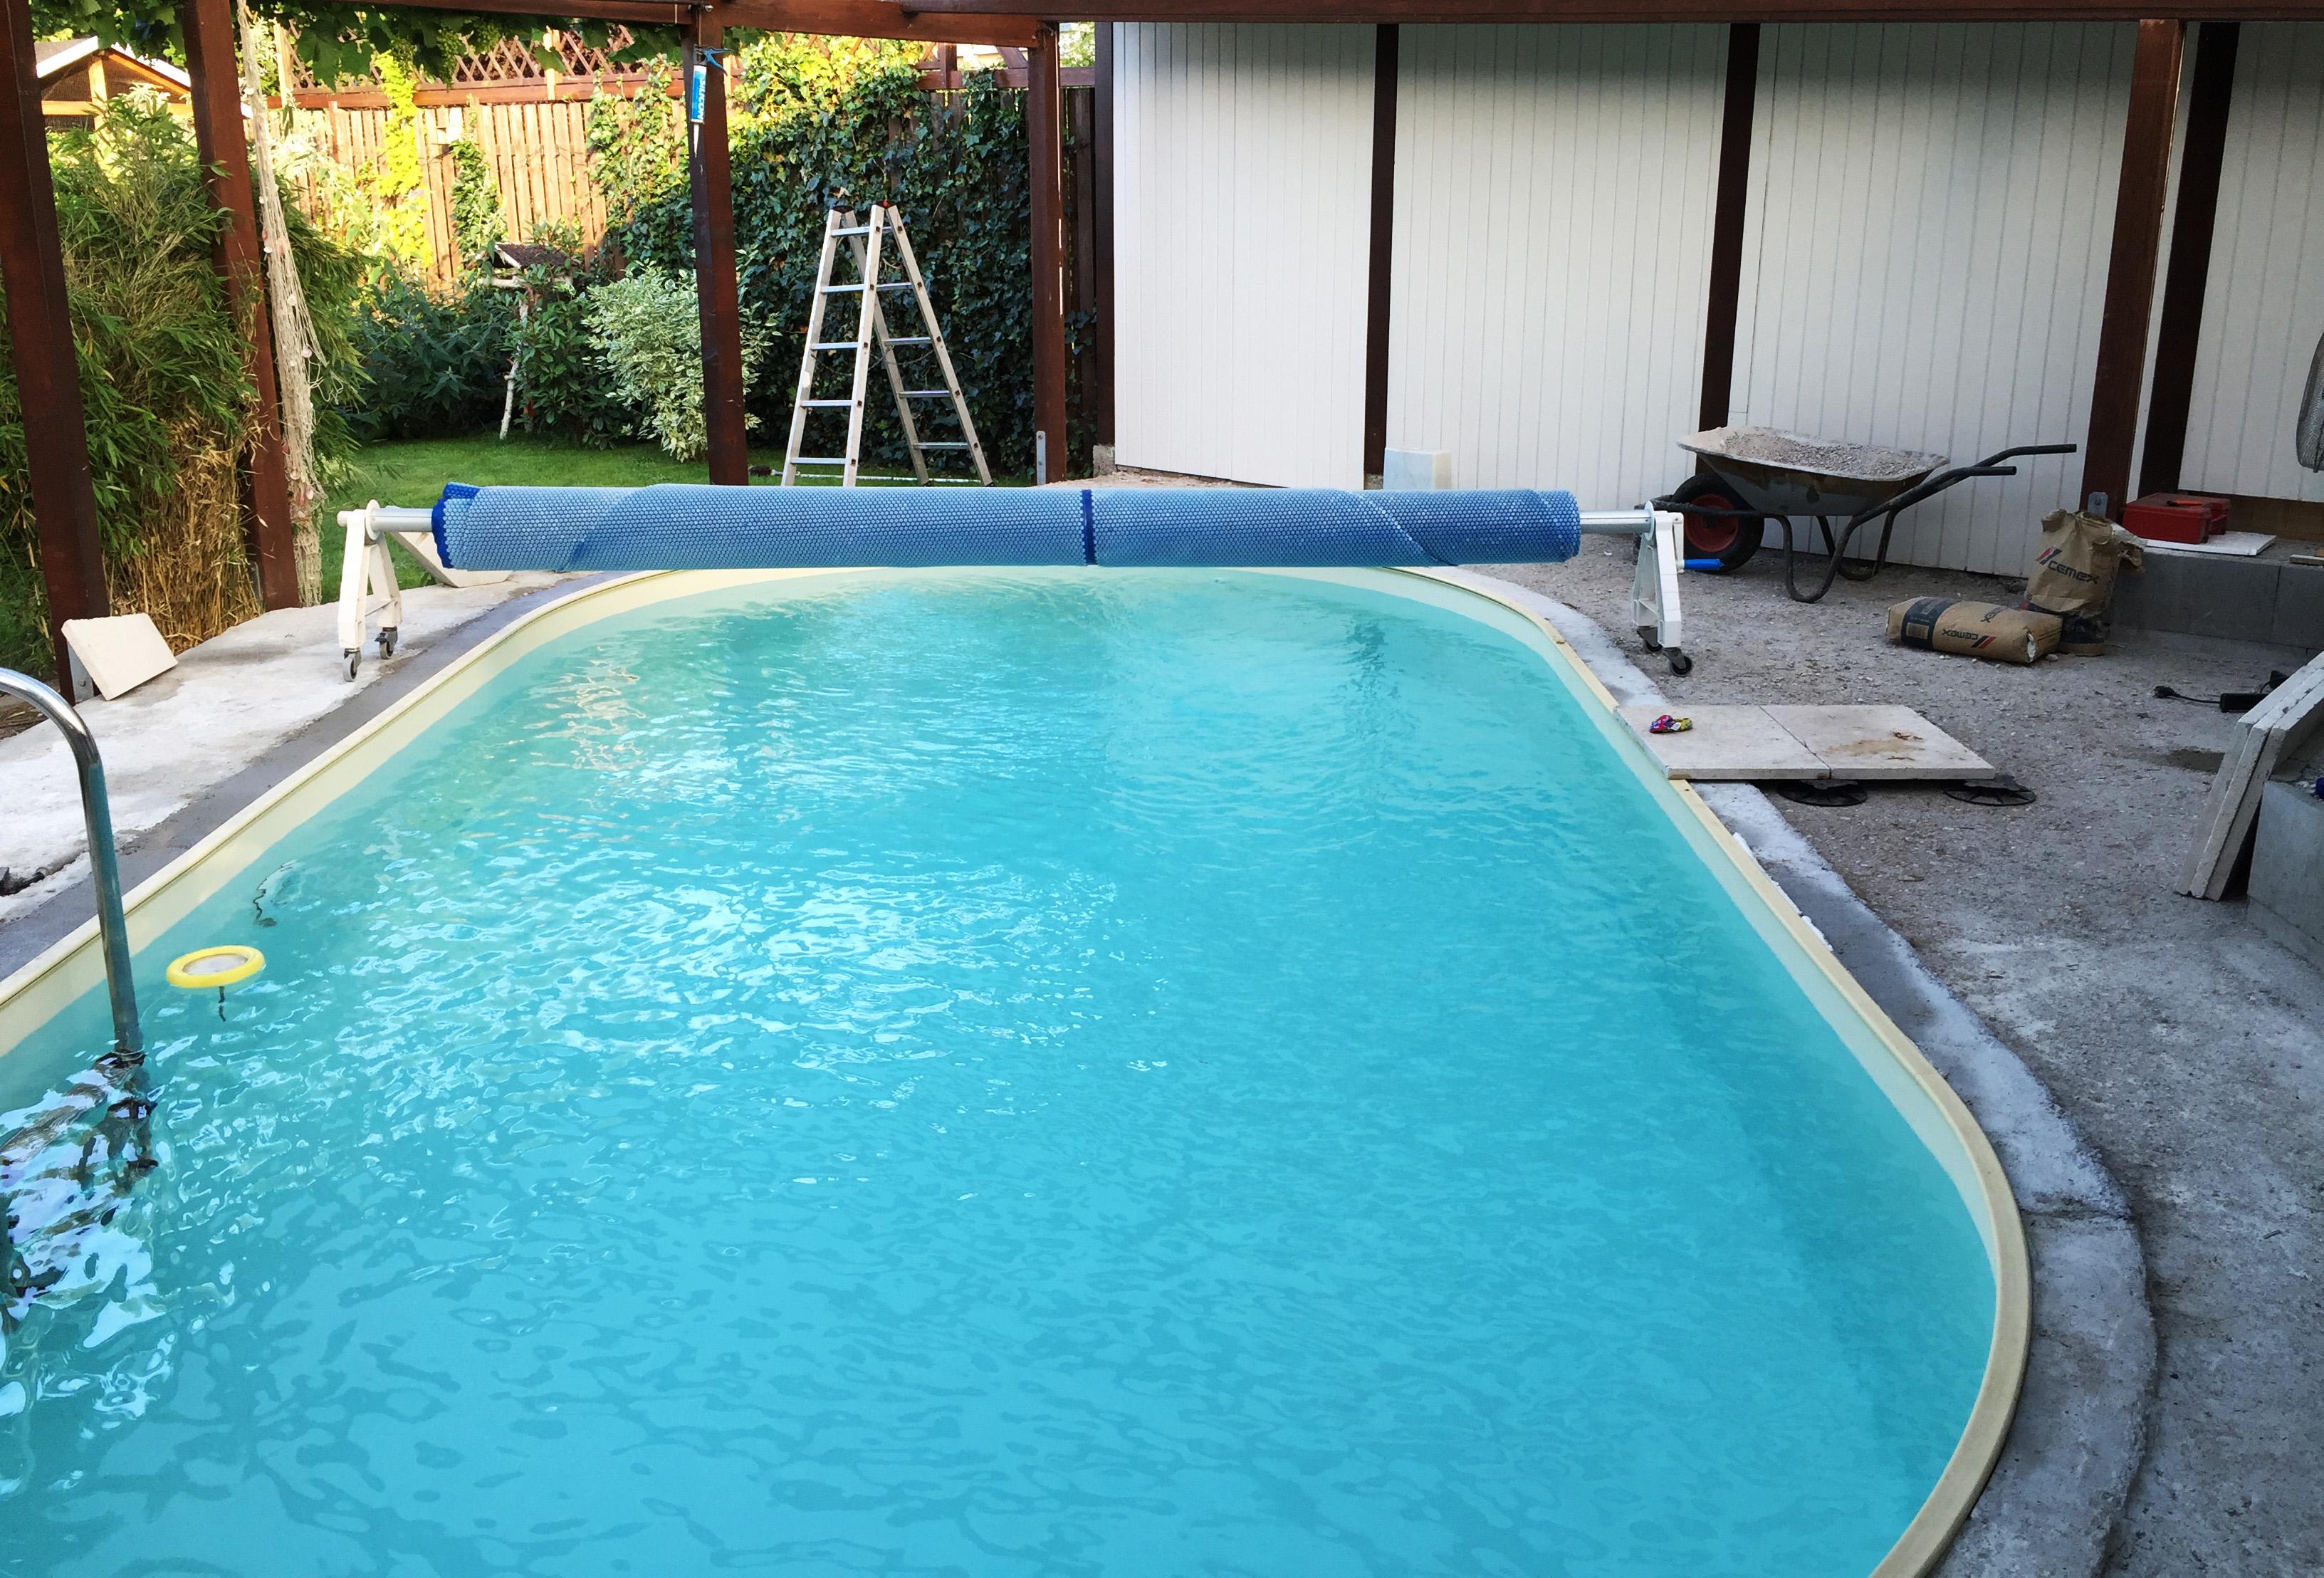 conzero kunden erfahrungsberichte poolakademie der pool shop f r den eigenbau des heimischen. Black Bedroom Furniture Sets. Home Design Ideas